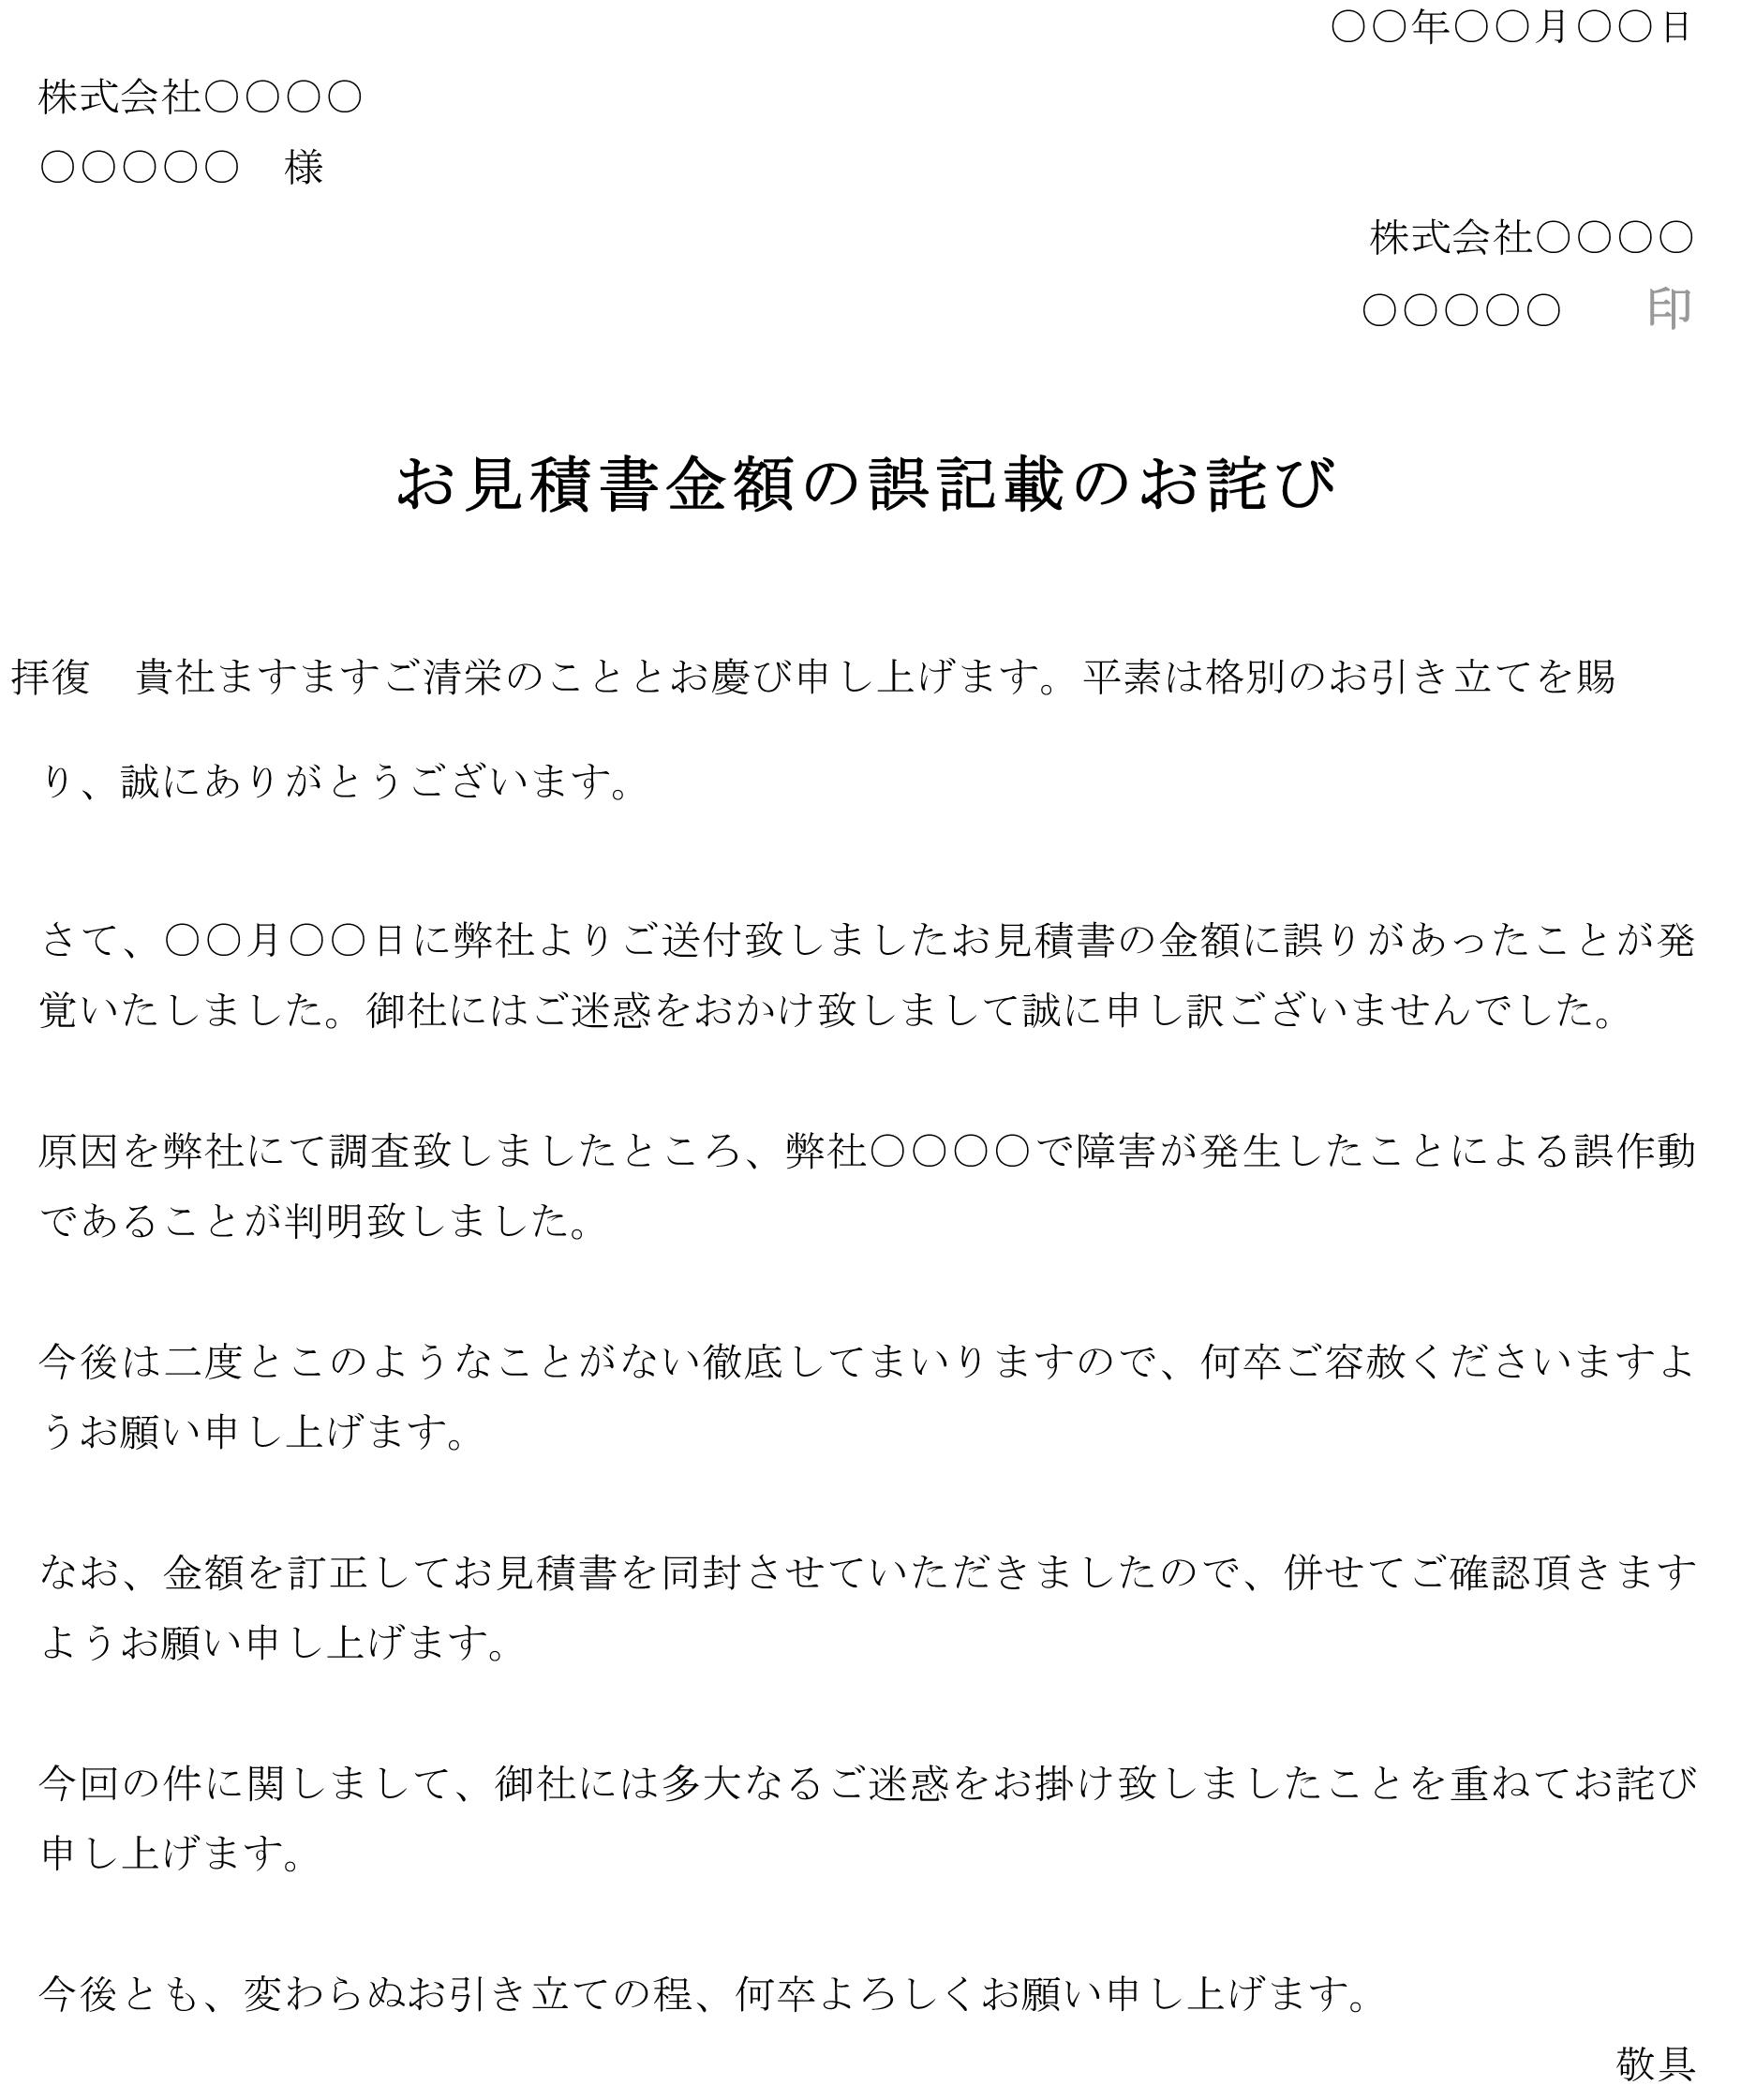 お詫び状(お見積書金額の誤記載)_2